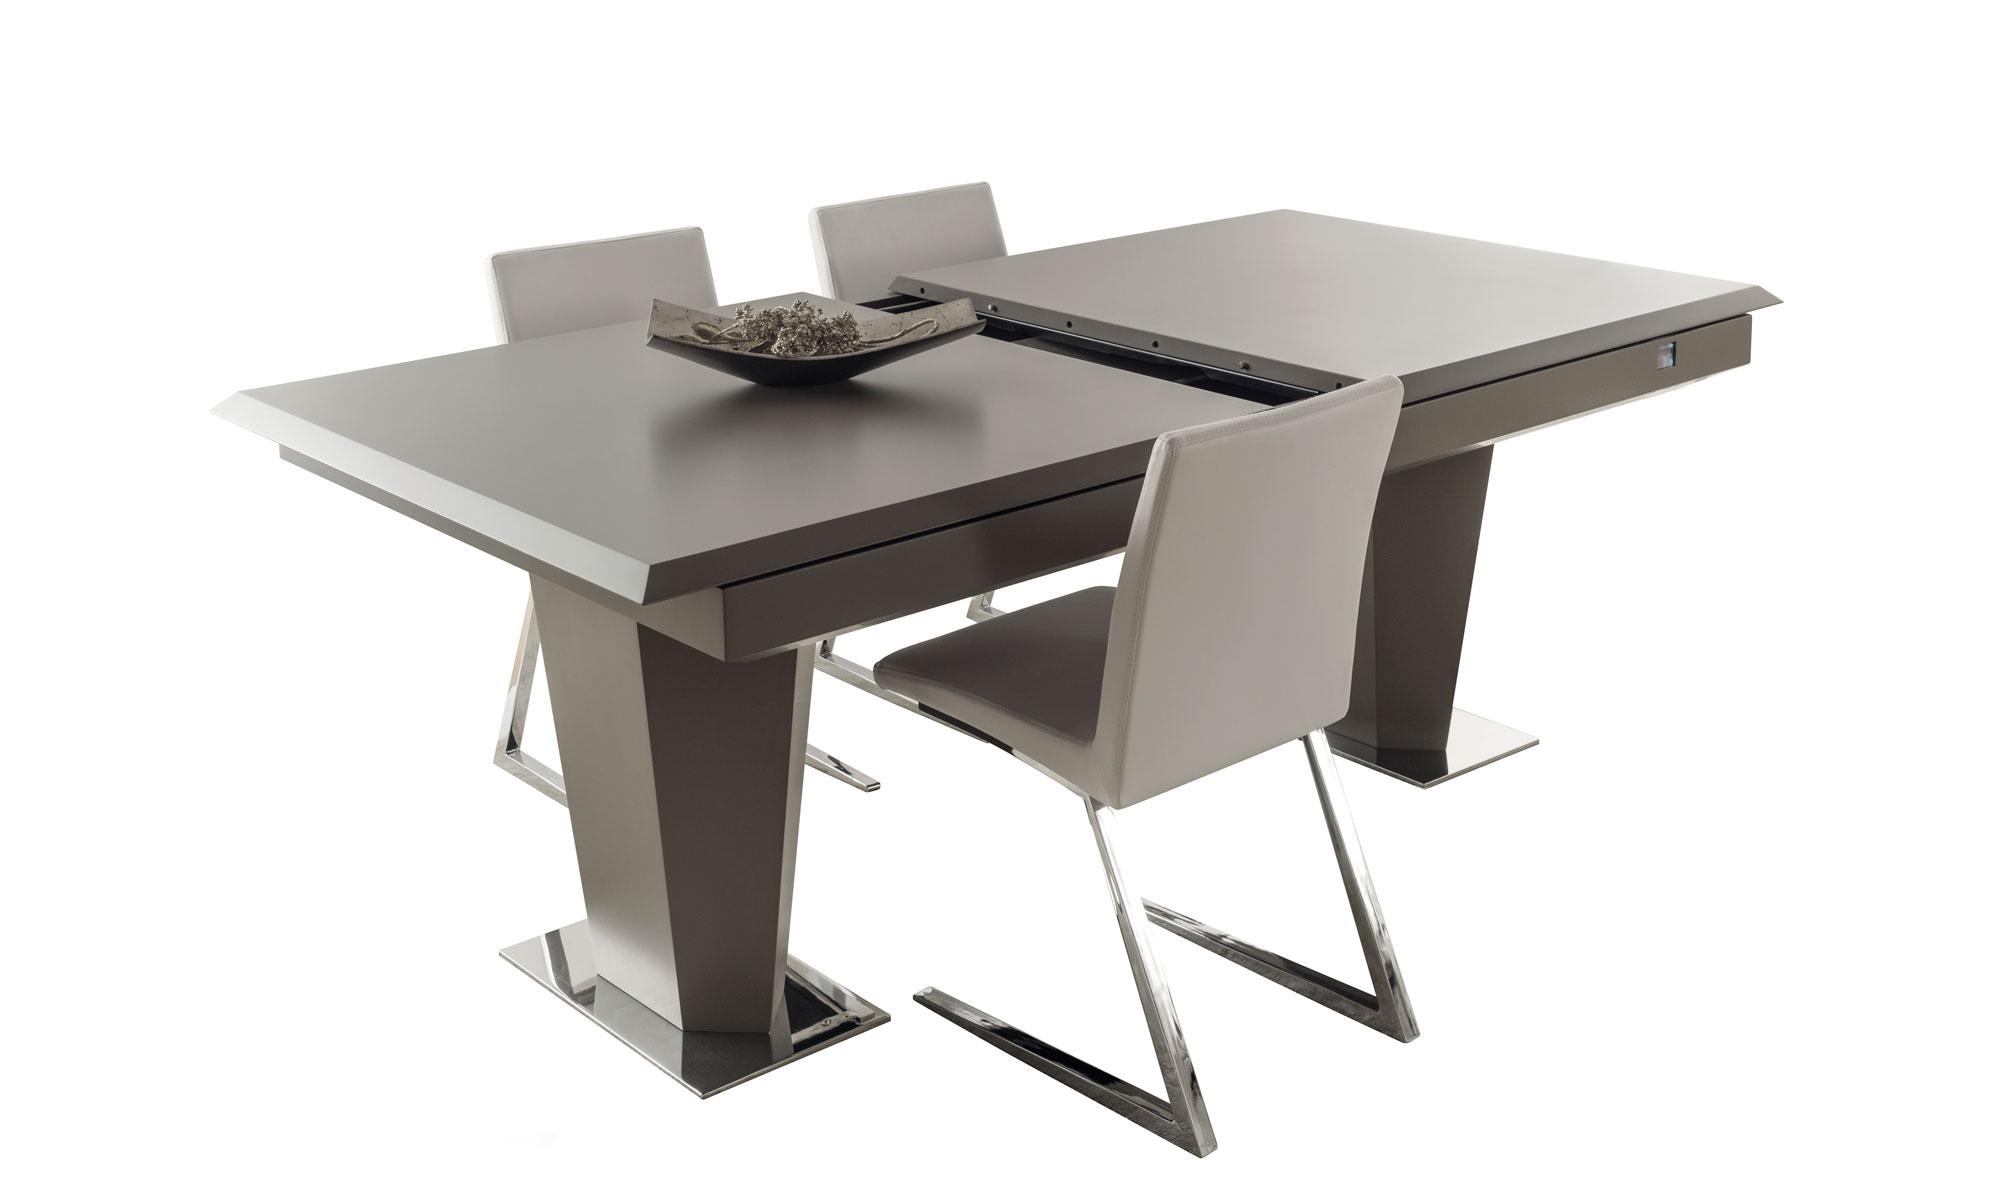 Mesa comedor extensible high tech en cosas de for Comedor extensible